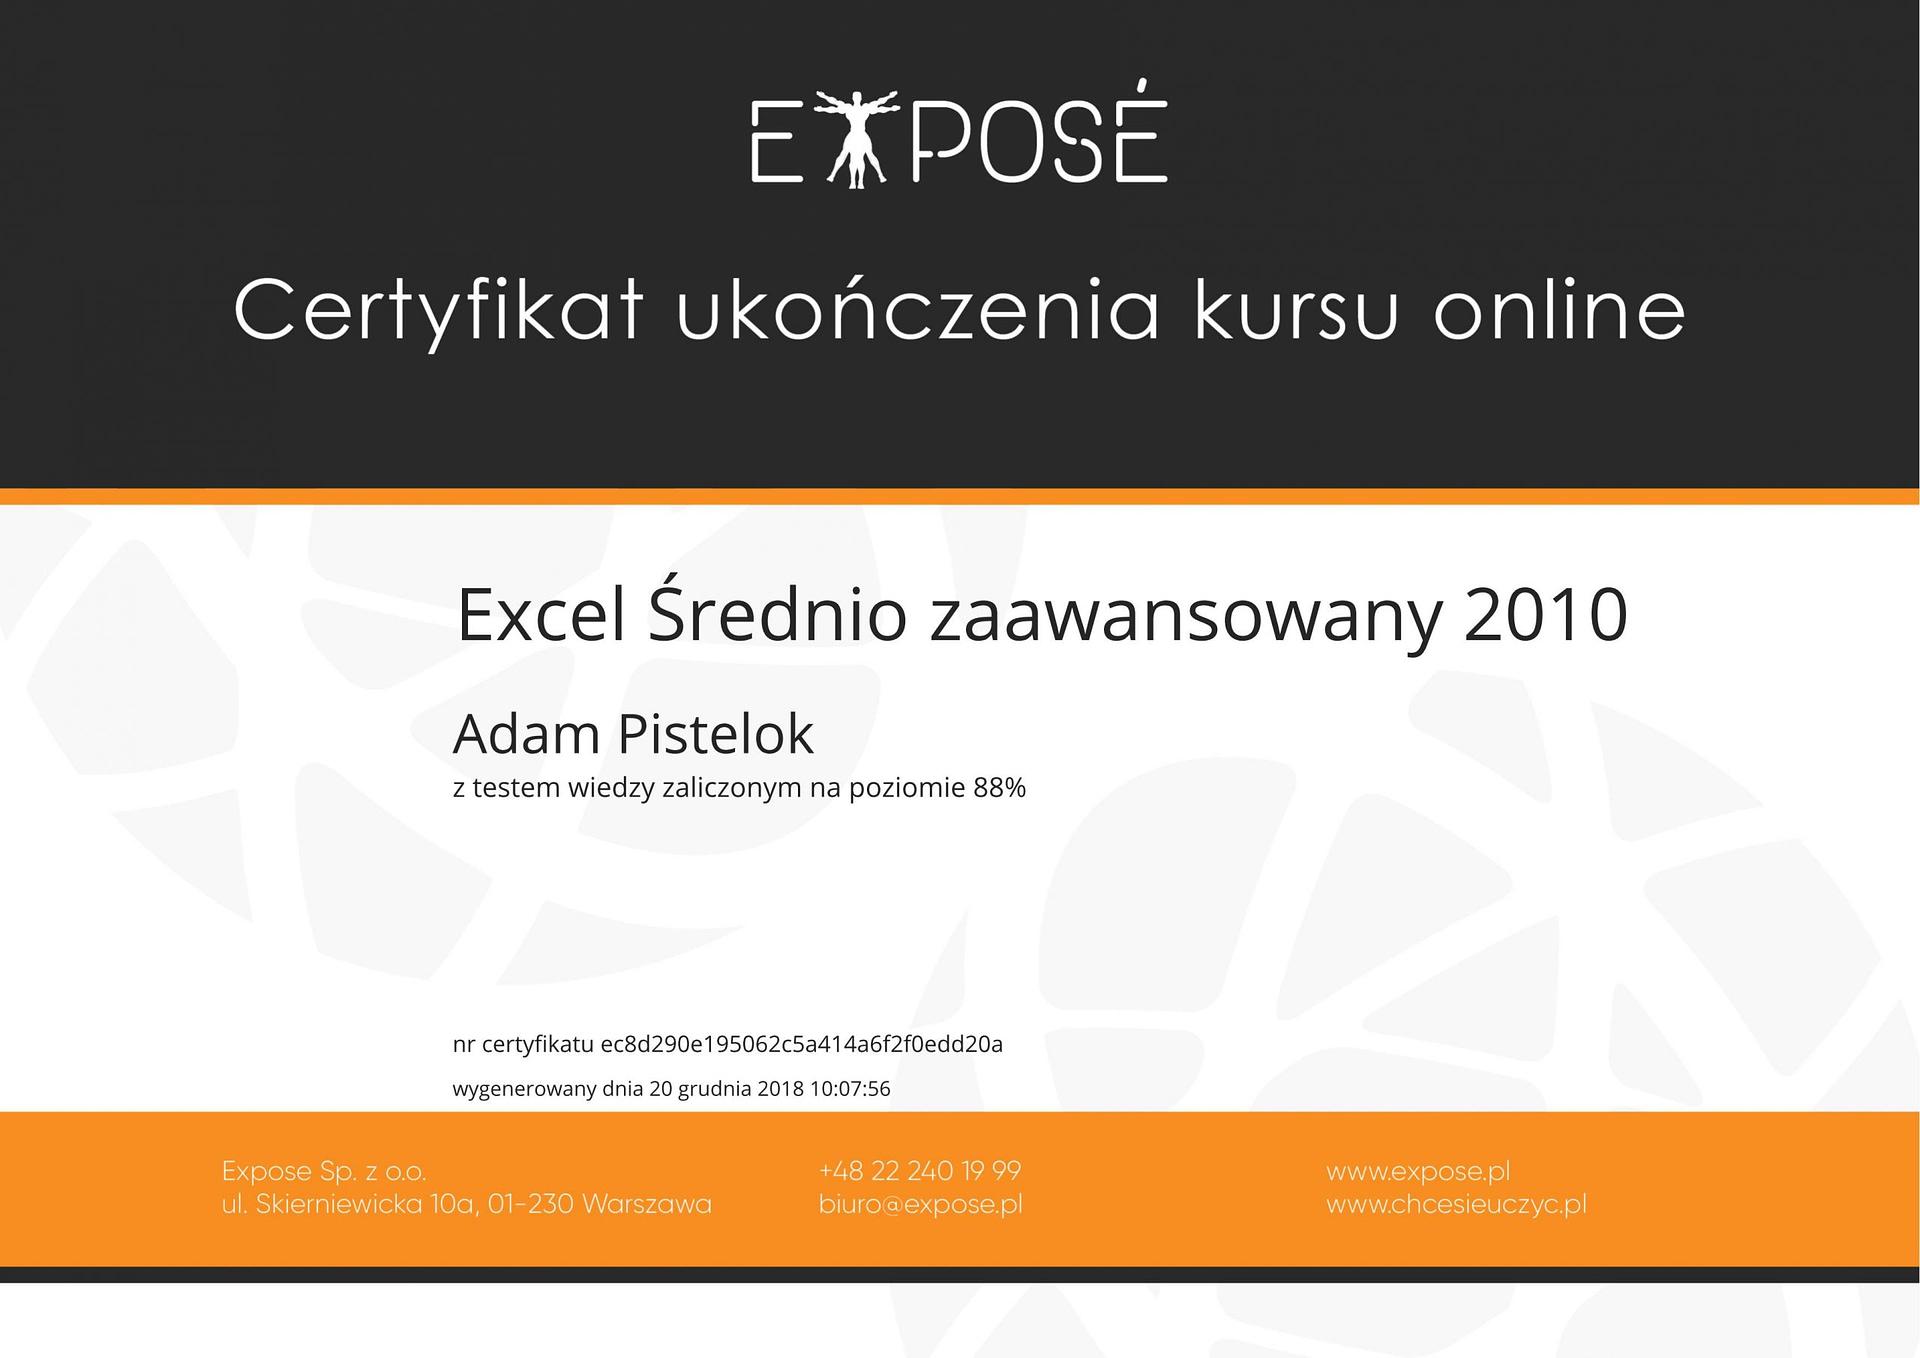 Excel sredniozaawansowany 2010